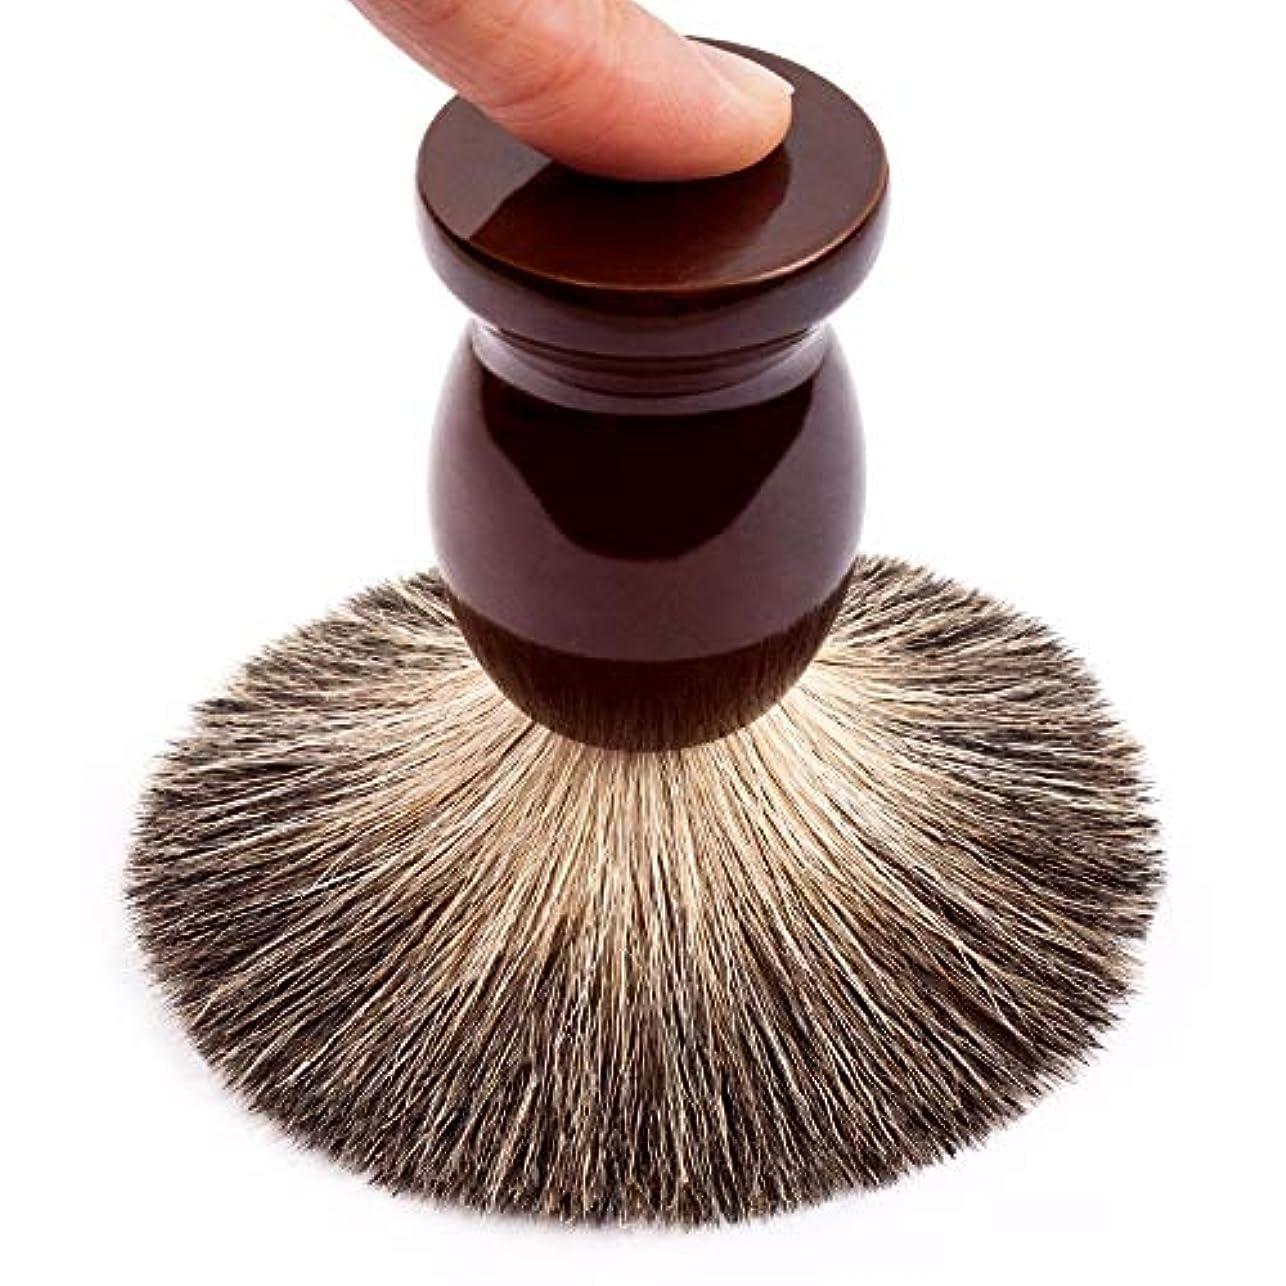 気性抵抗力があるバンジージャンプMEI1JIA マンピュアアナグマ毛シェービングブラシ、サイズ:9.9センチメートルX 4.6センチメートル